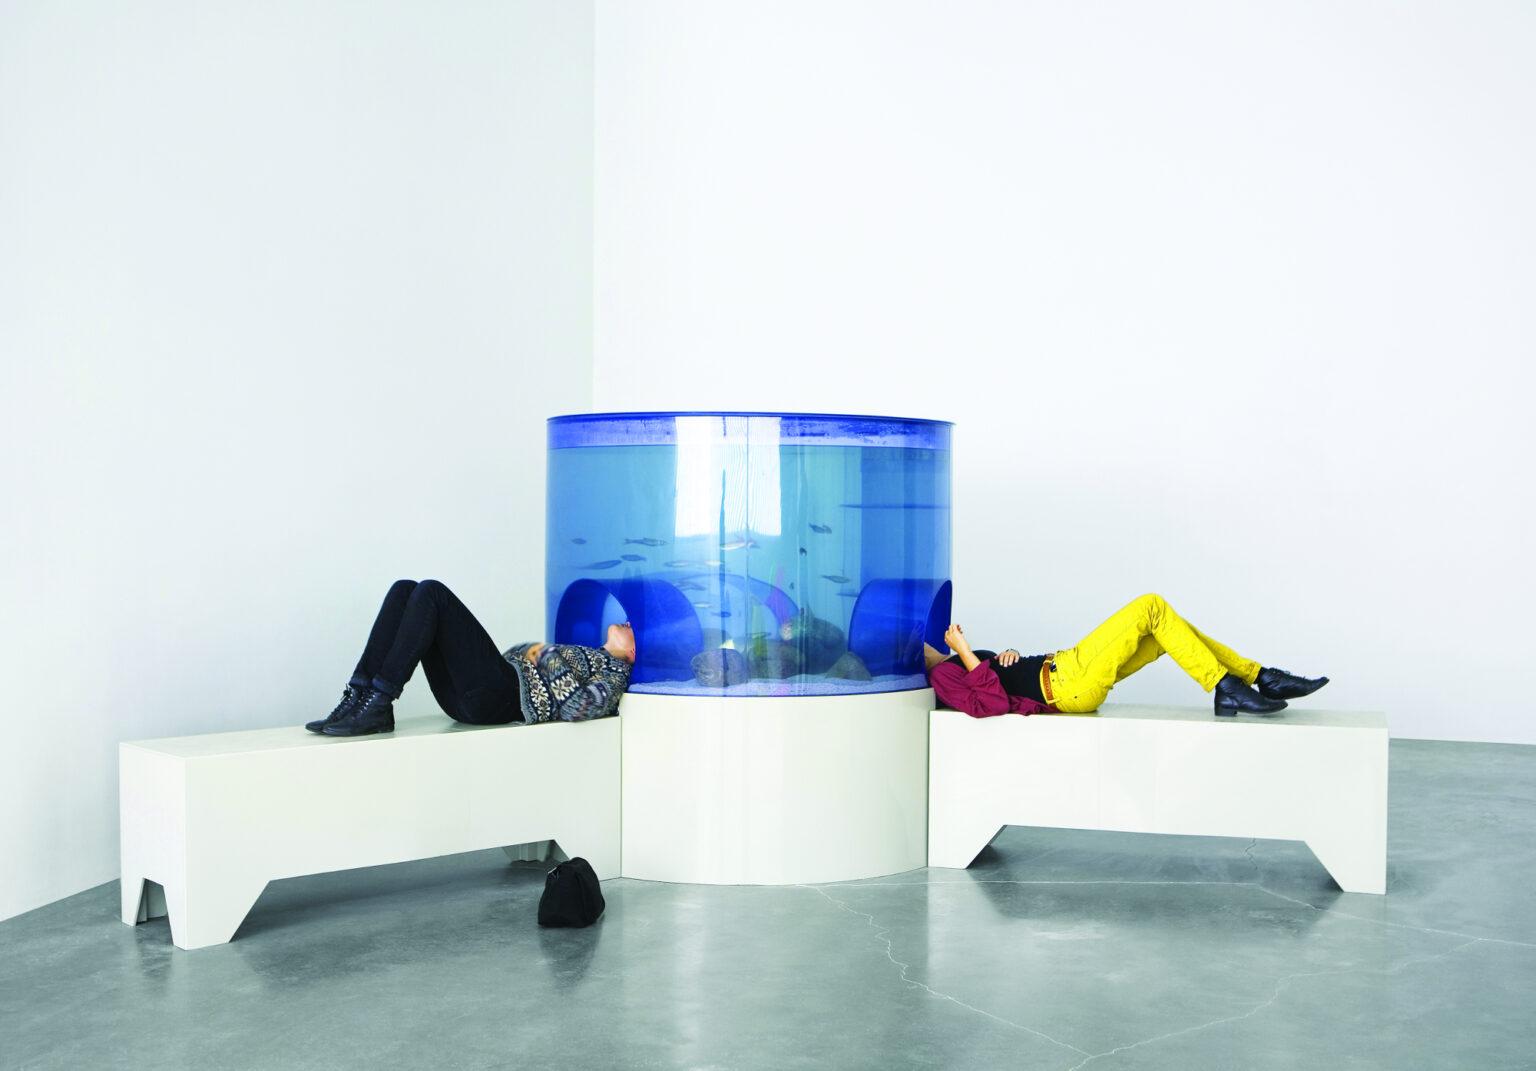 New museum aquarium installation